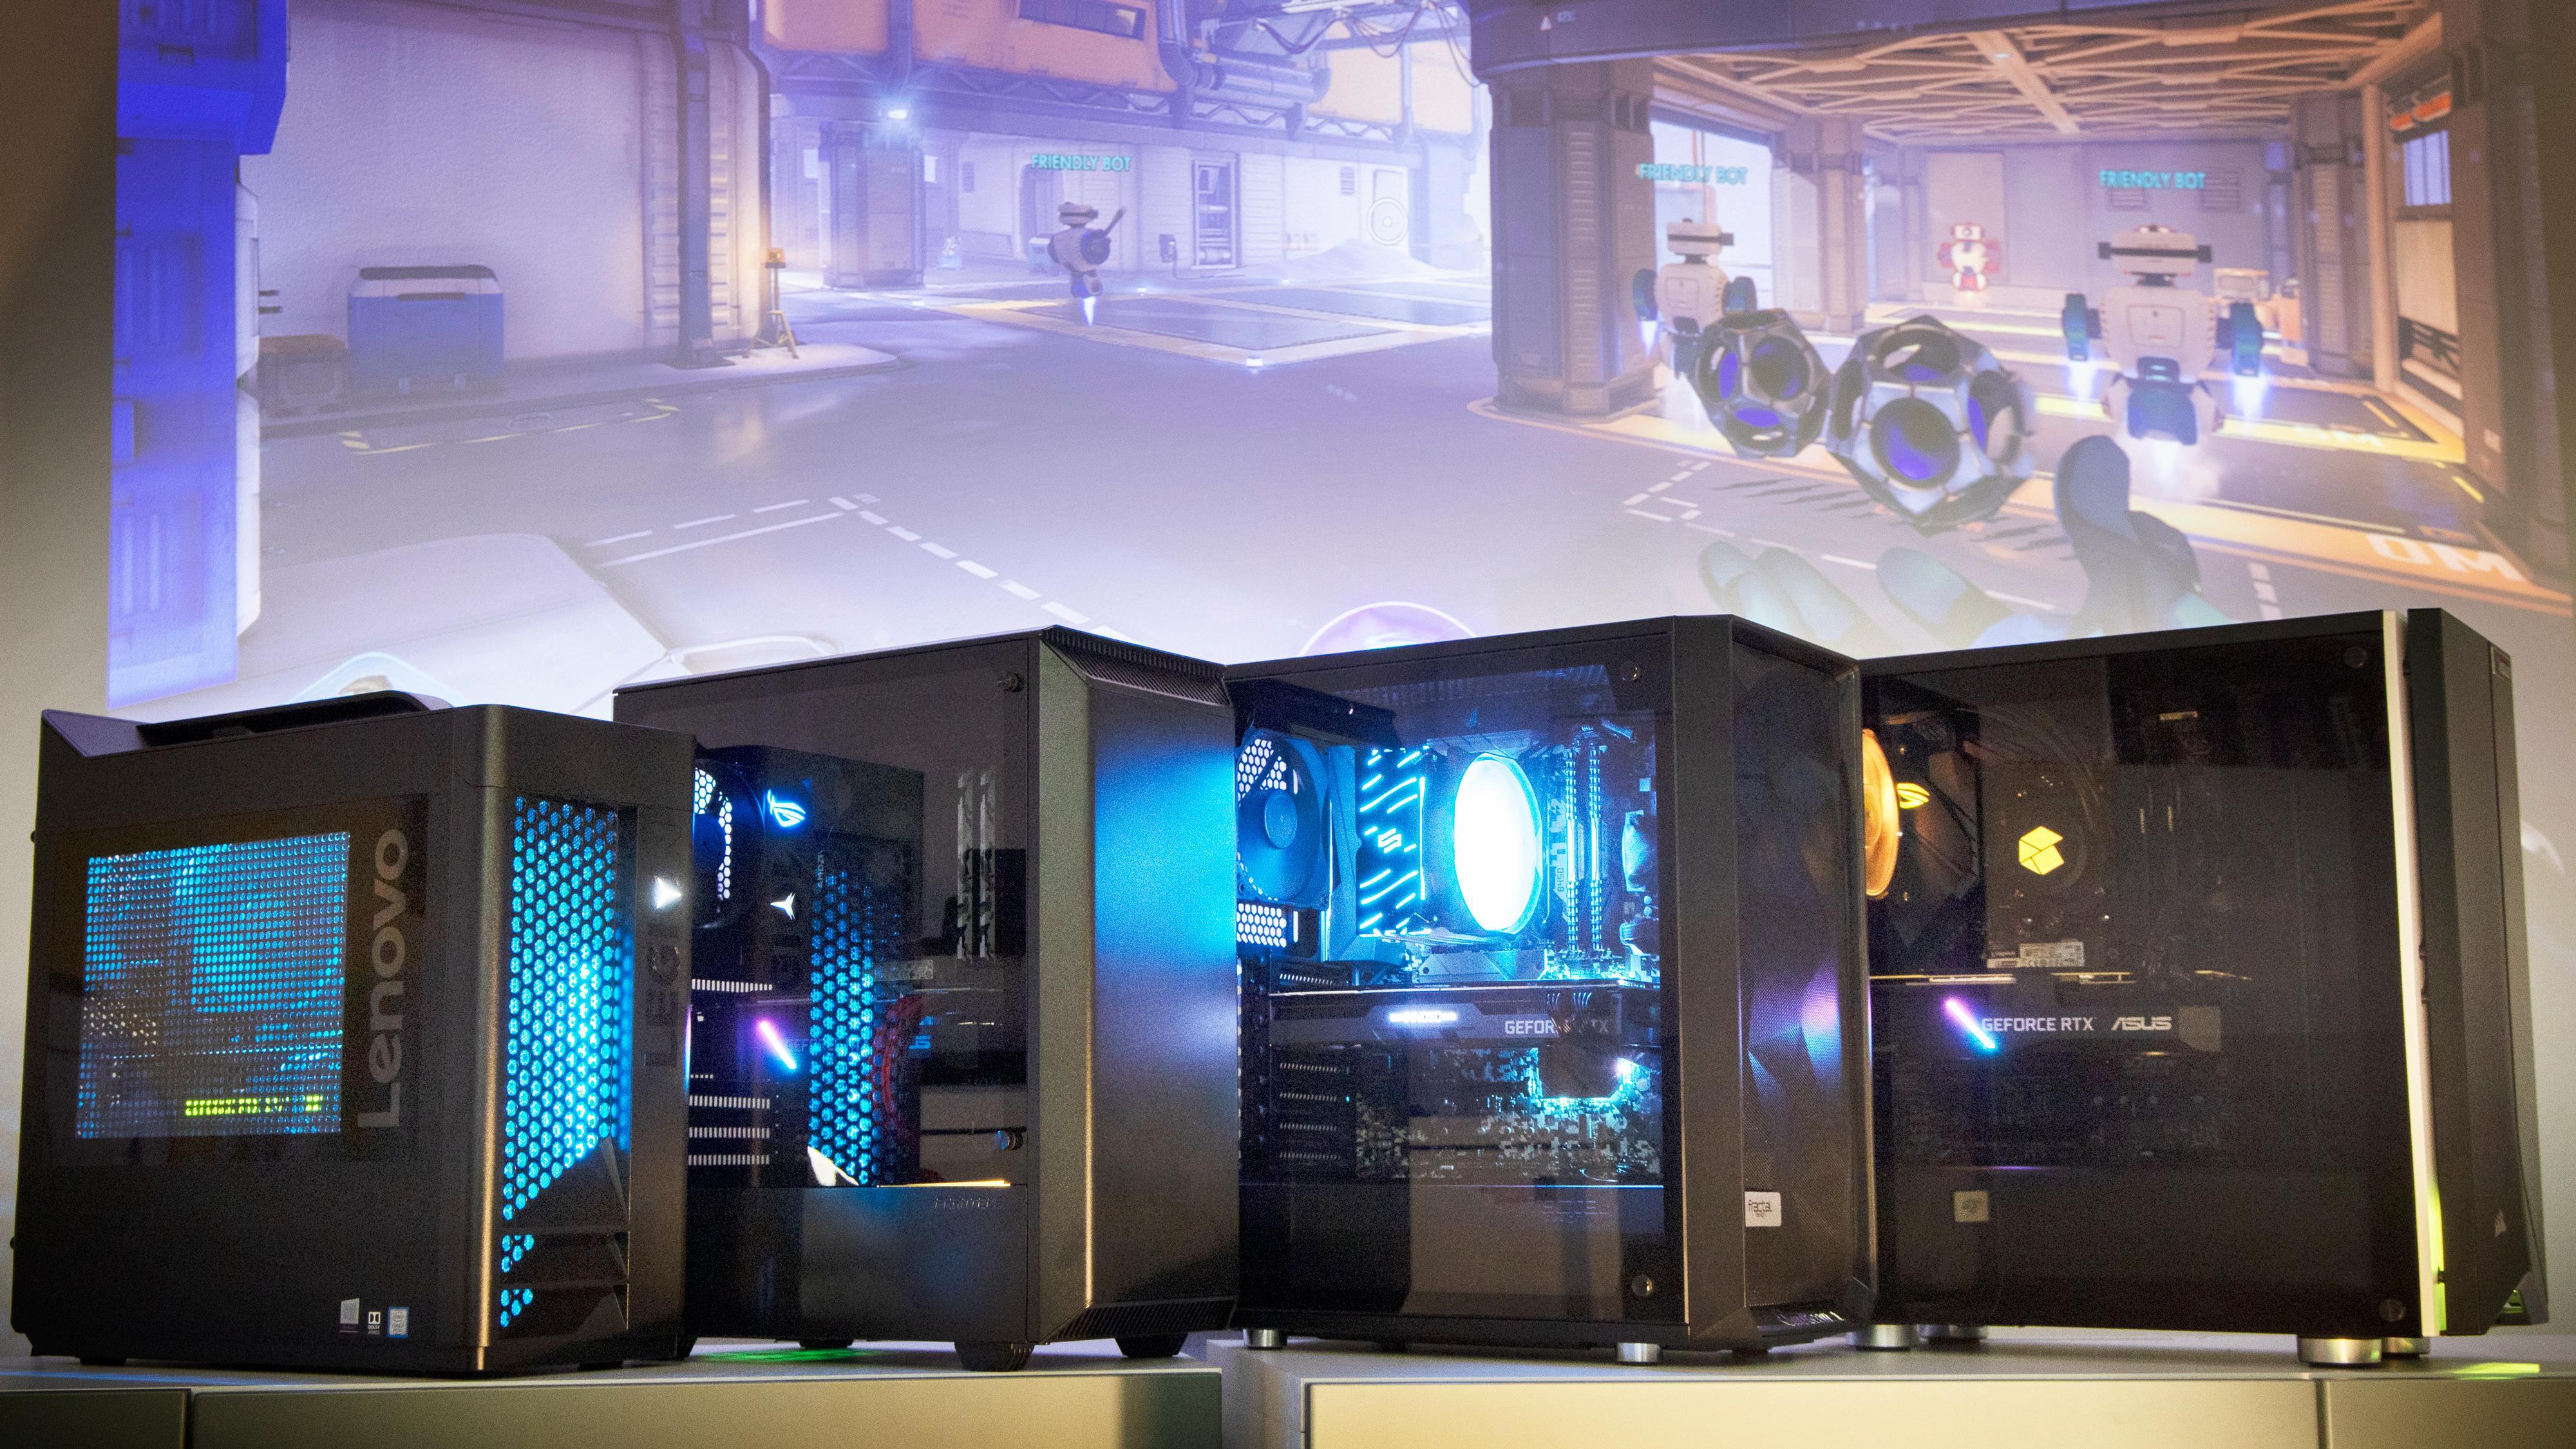 Disse fire maskinene kjemper om å bli kåret til beste spill-PC.